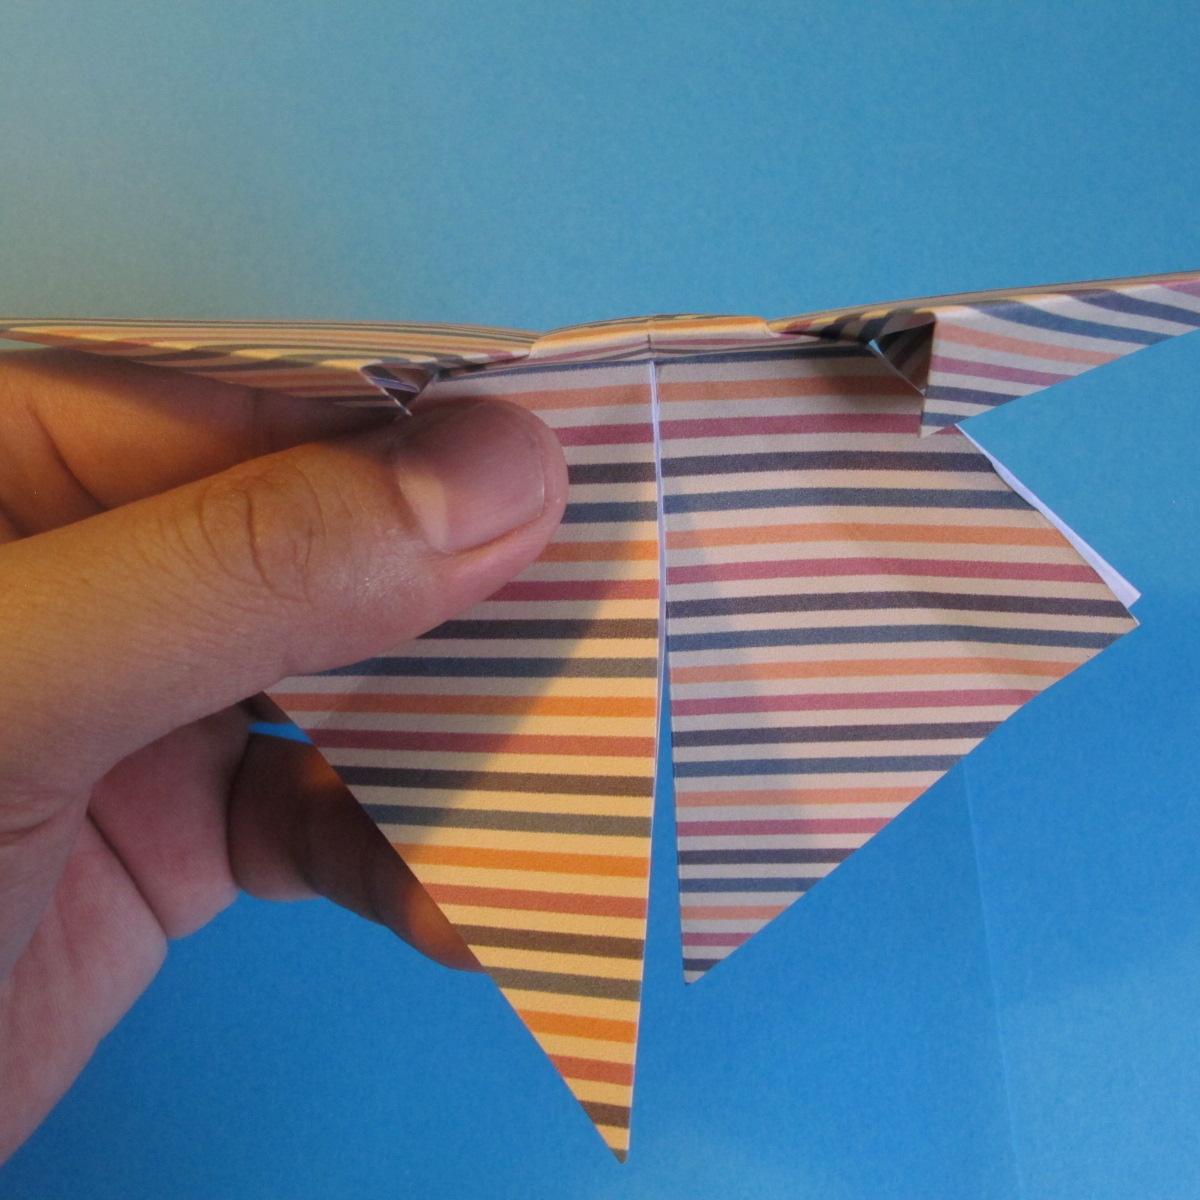 วิธีการพับกระดาษเป็นโบว์หูกระต่าย 022